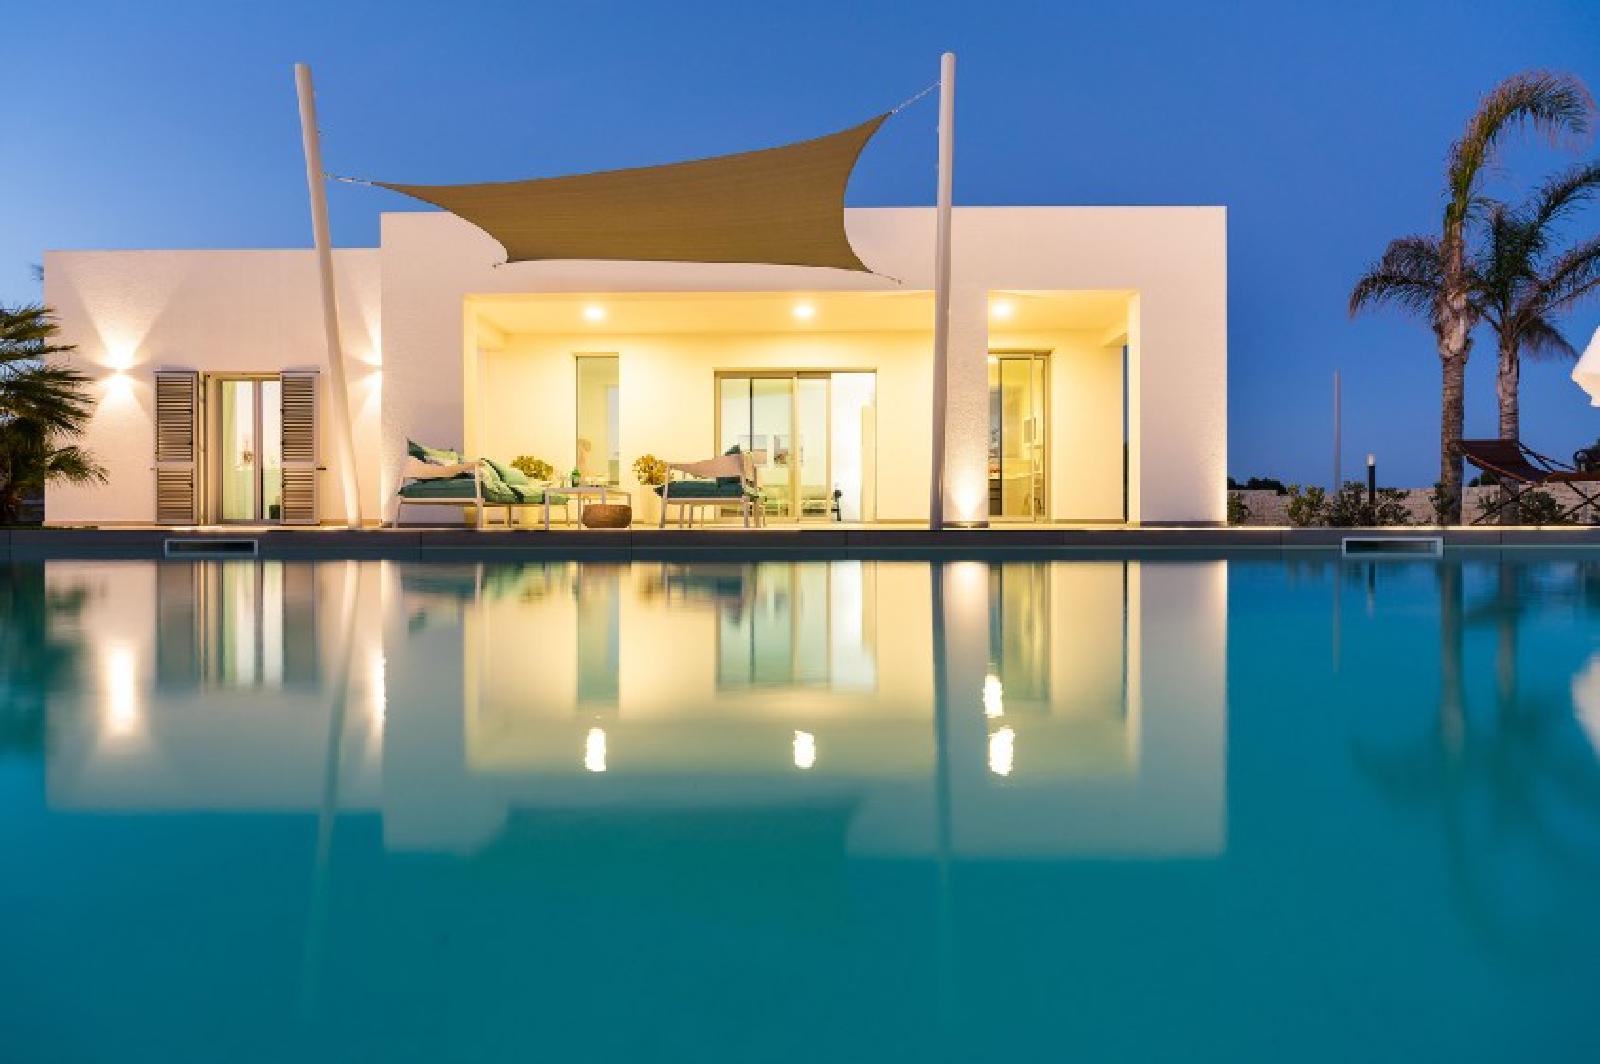 Typologie: <span>Ferienhaus mit Pool</span>